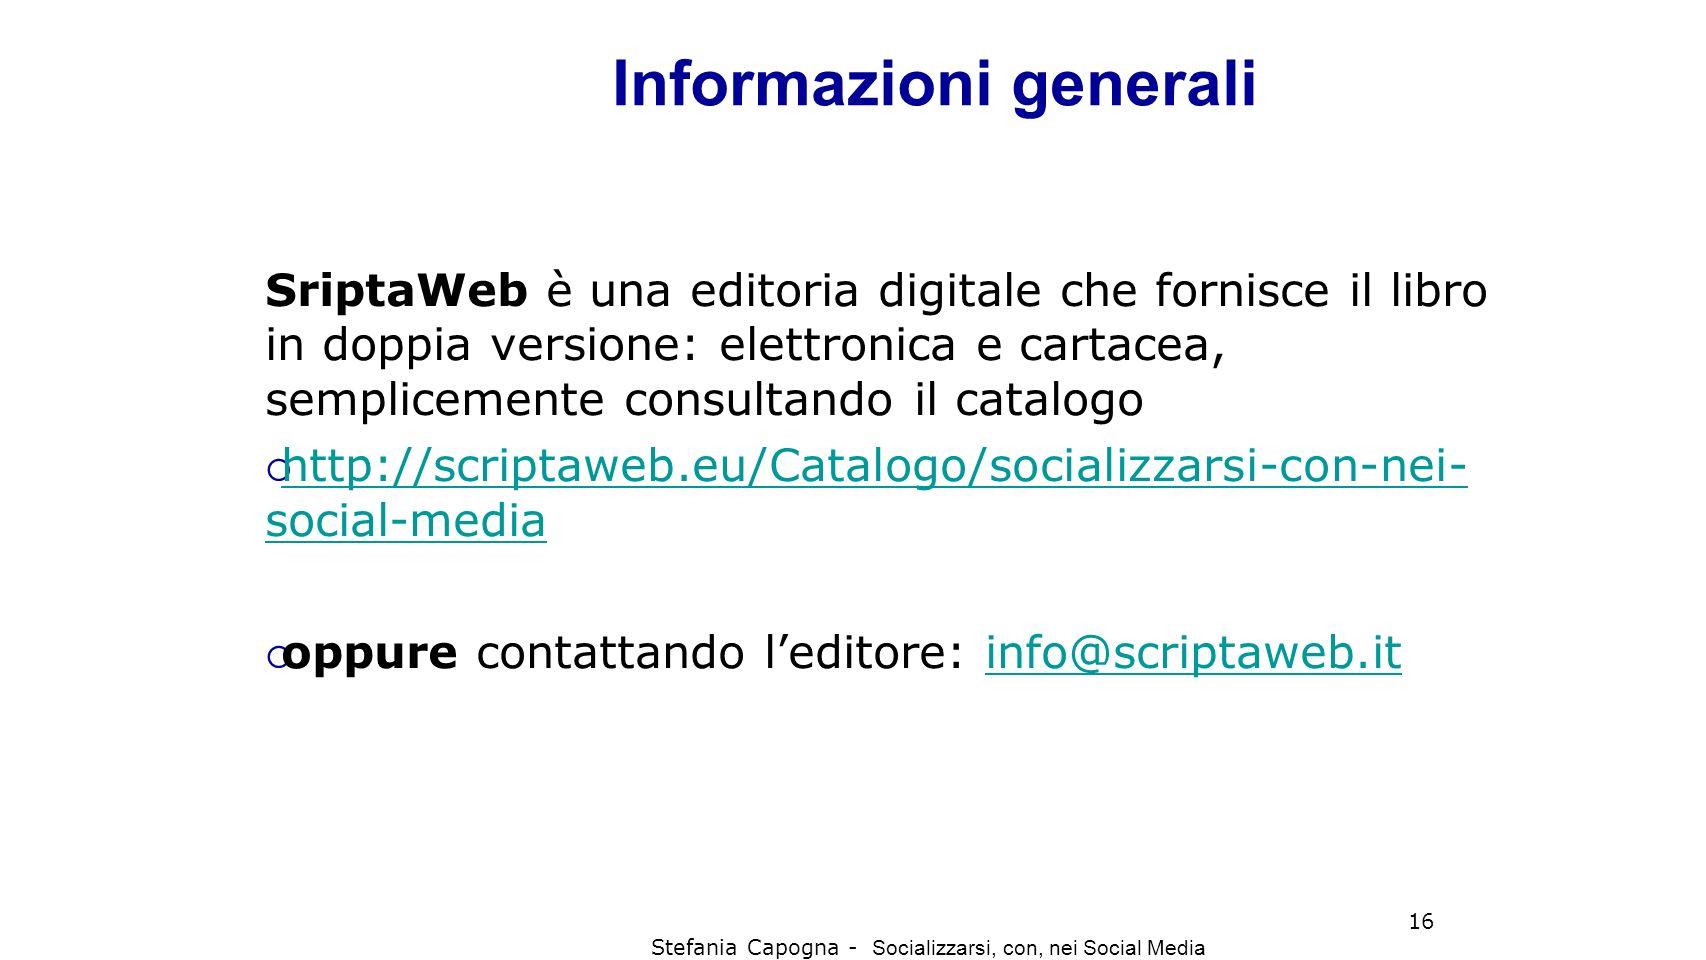 Informazioni generali SriptaWeb è una editoria digitale che fornisce il libro in doppia versione: elettronica e cartacea, semplicemente consultando i